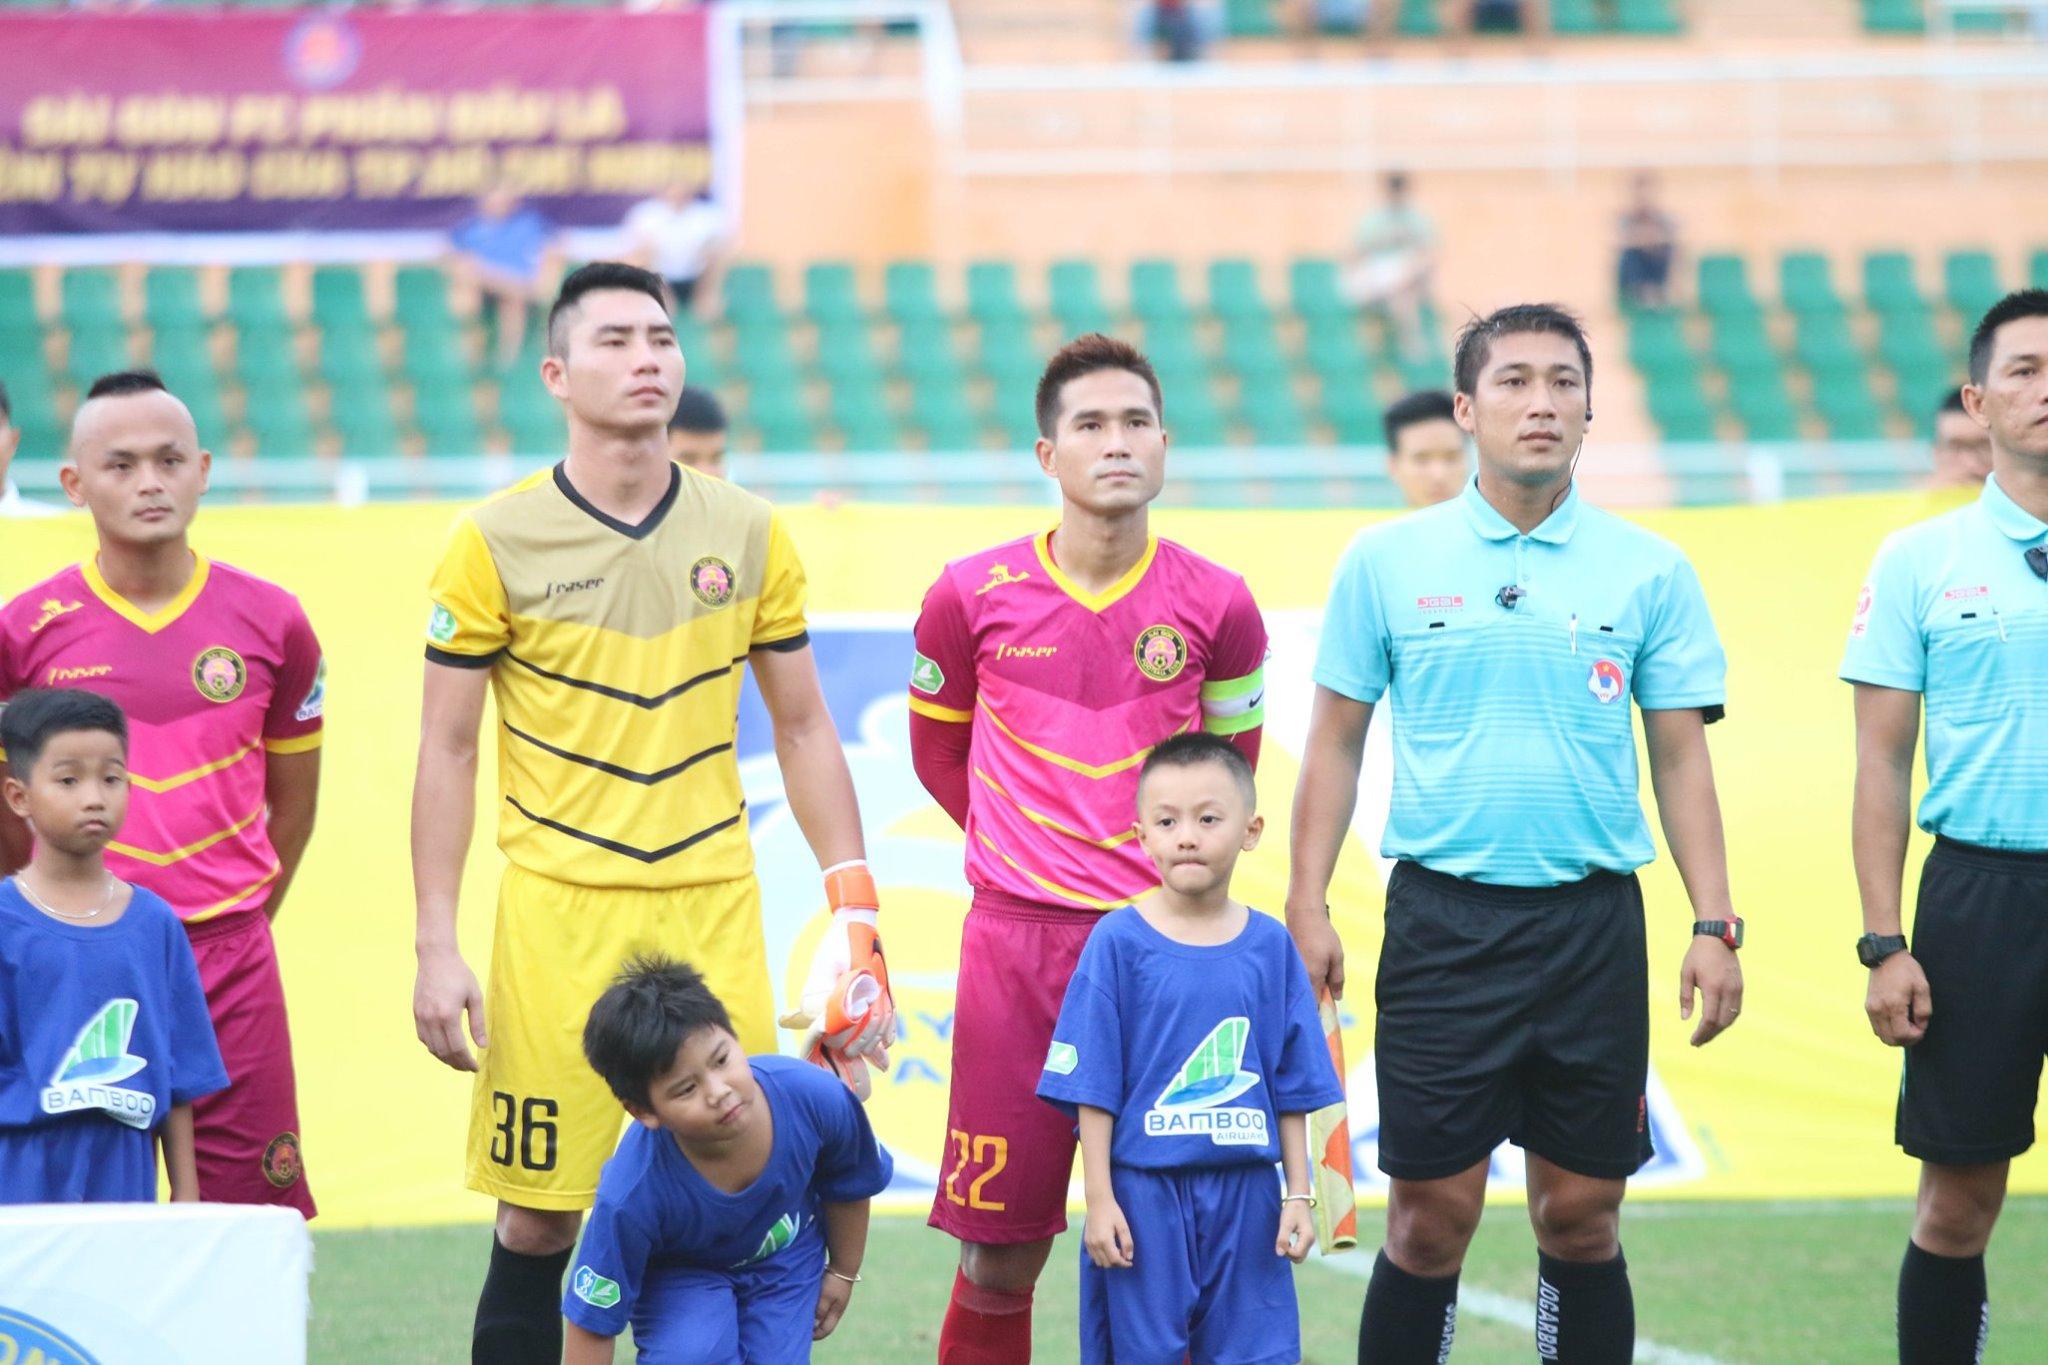 Nguyen Quoc Long Sai Gon V.League 2019